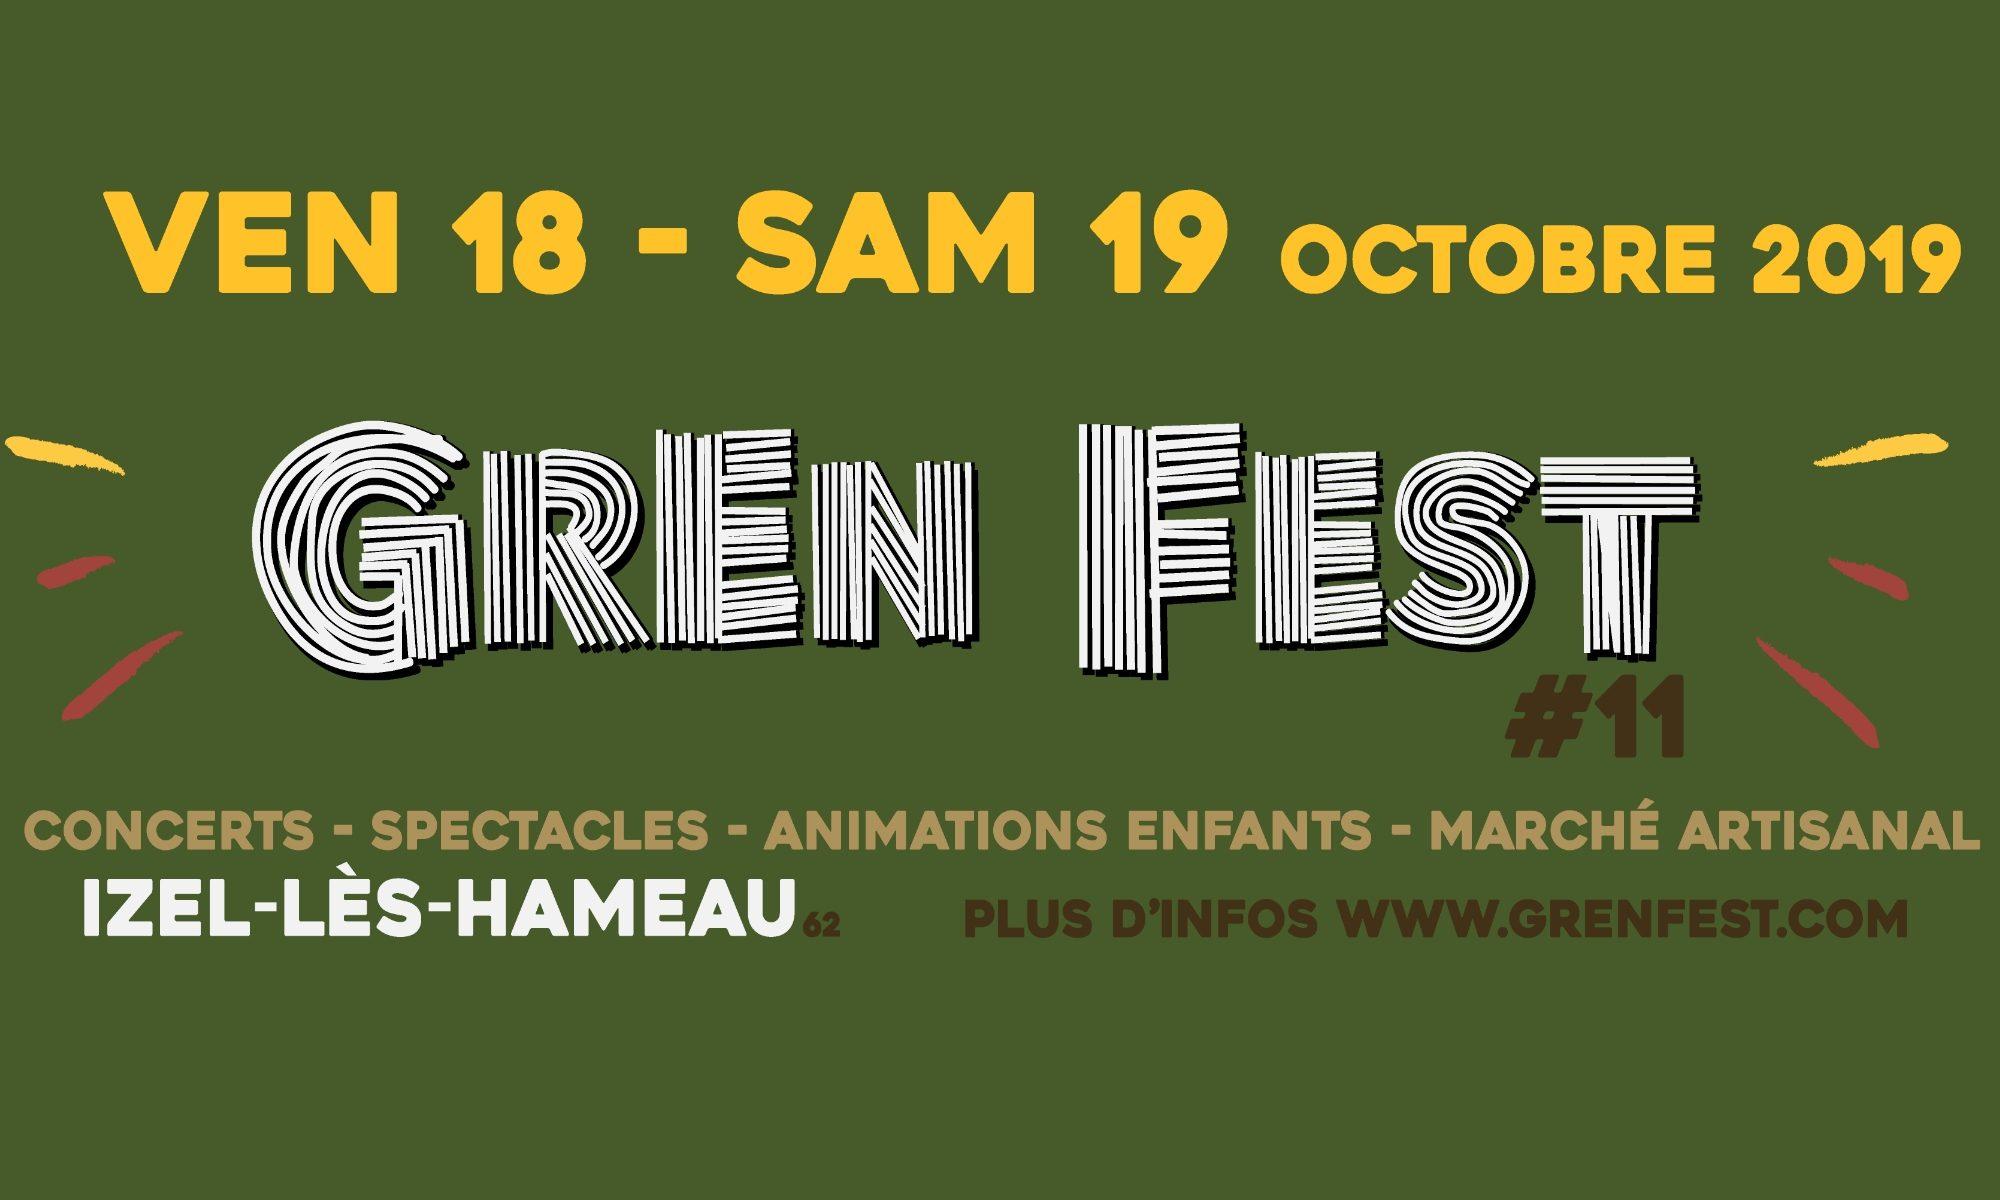 GrEn Fest